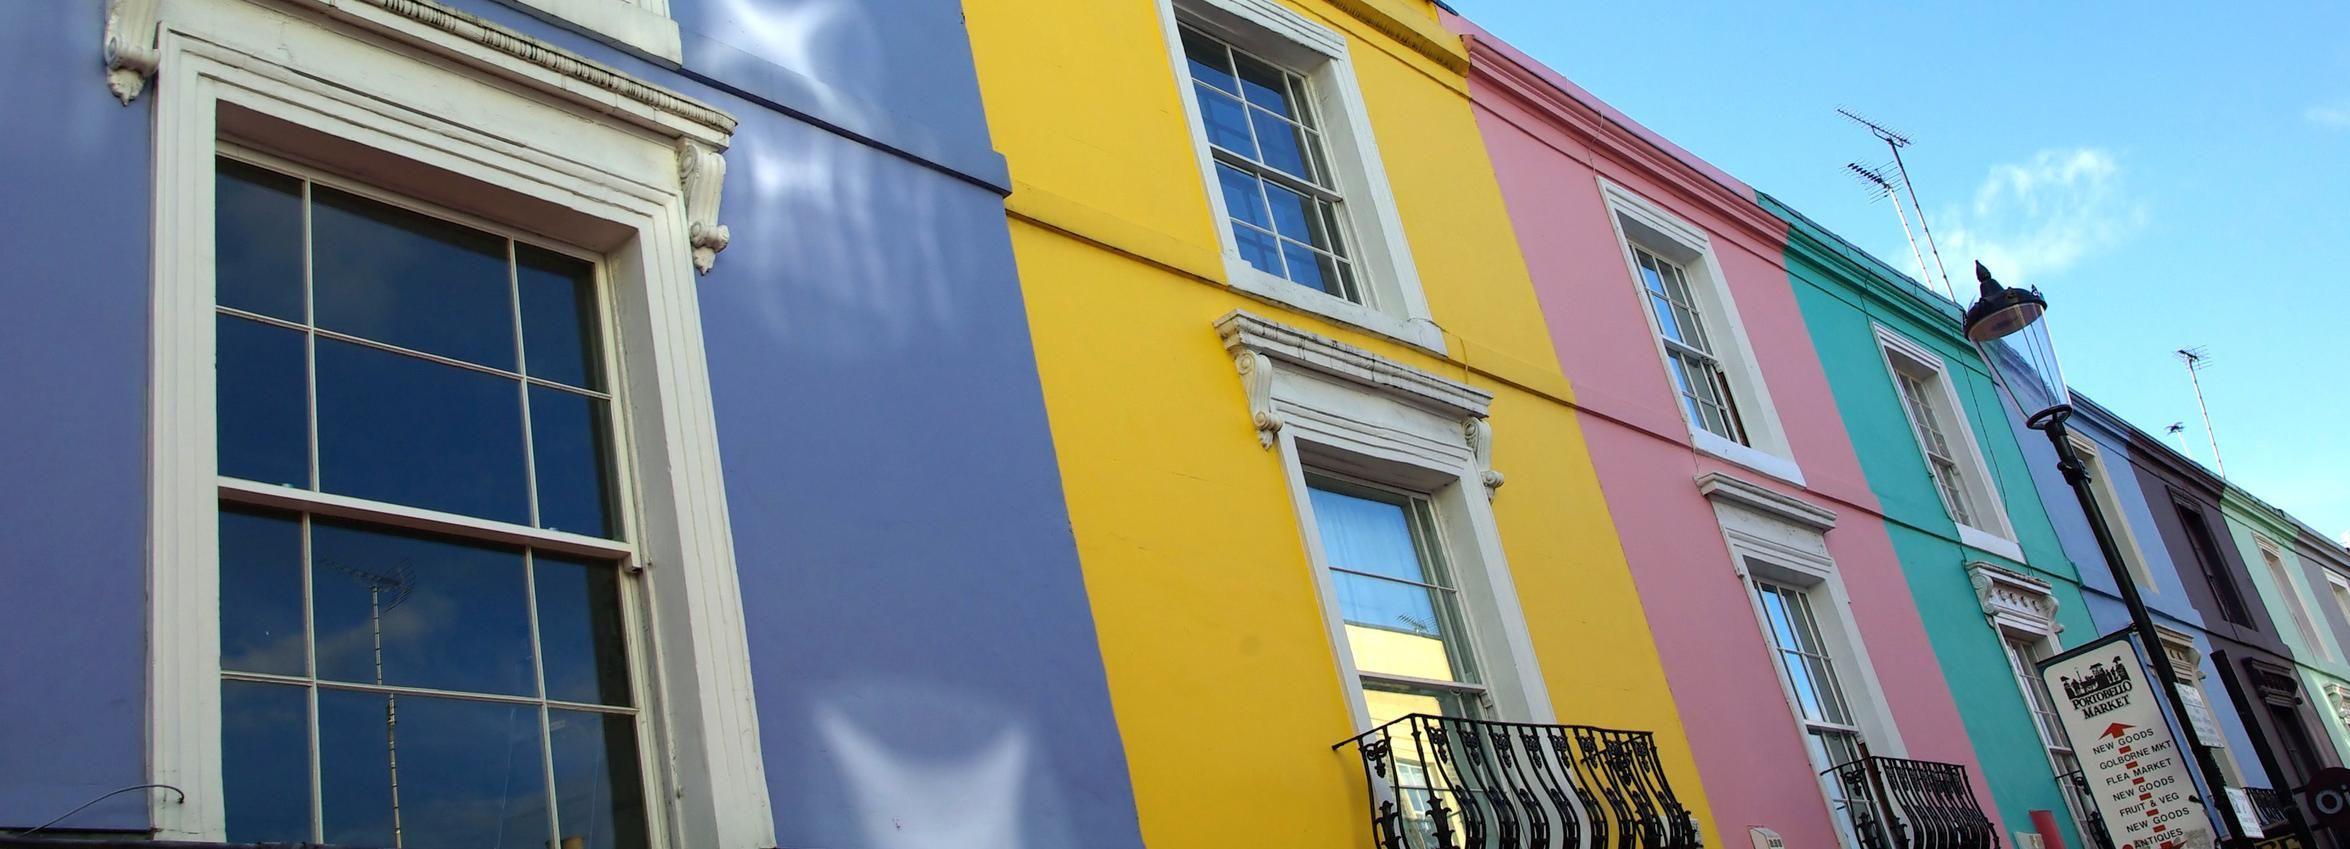 Londres: visite guidée à pied de Notting Hill